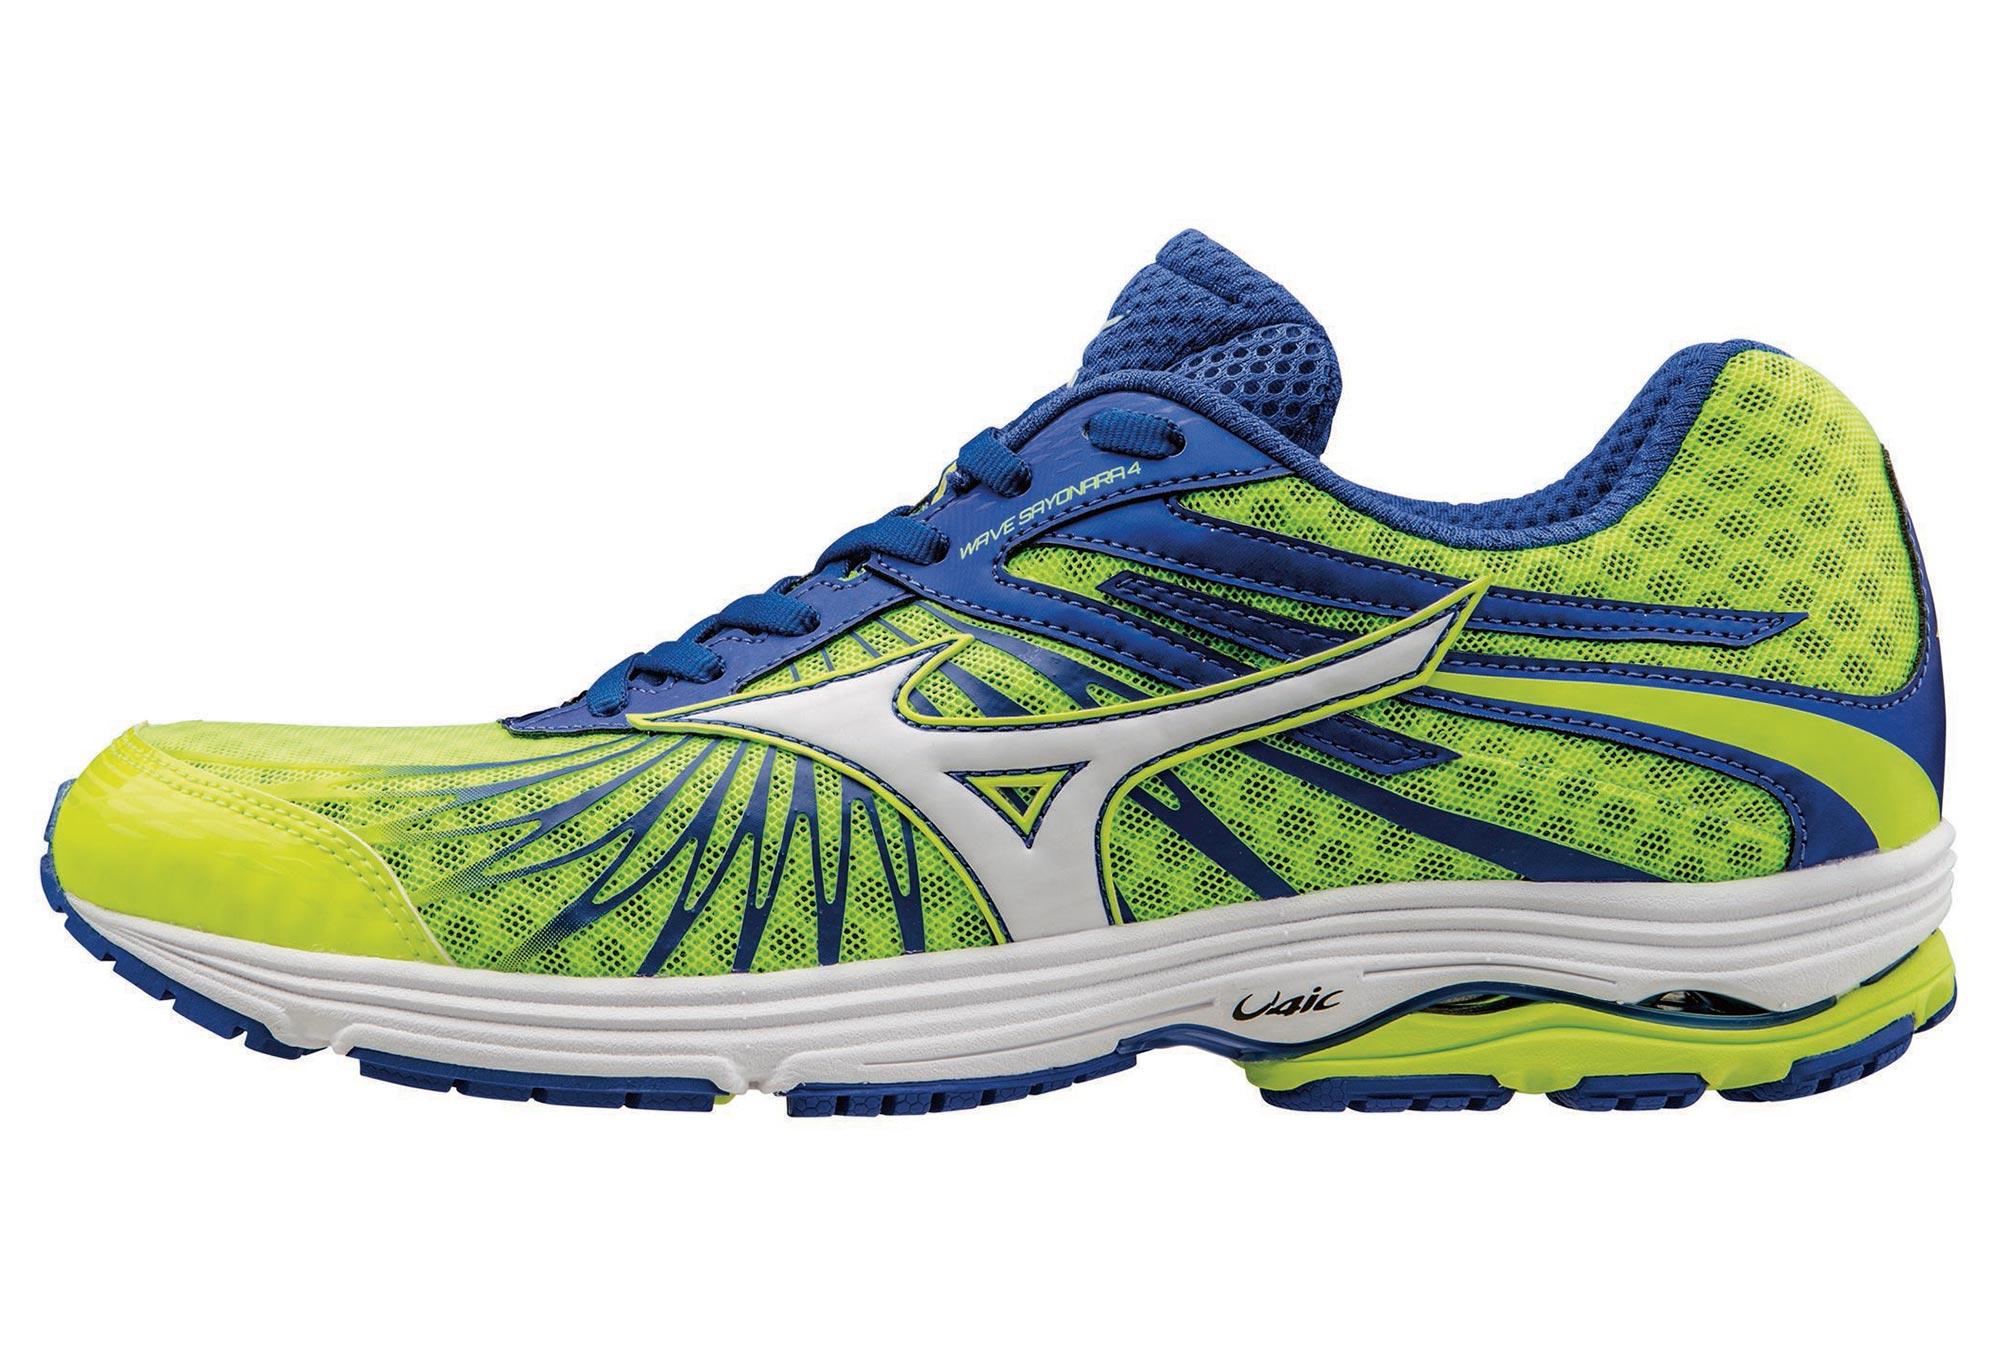 MIZUNO Shoes WAVE SAYONARA 4 Yellow Blue Men  eecbef79fa8